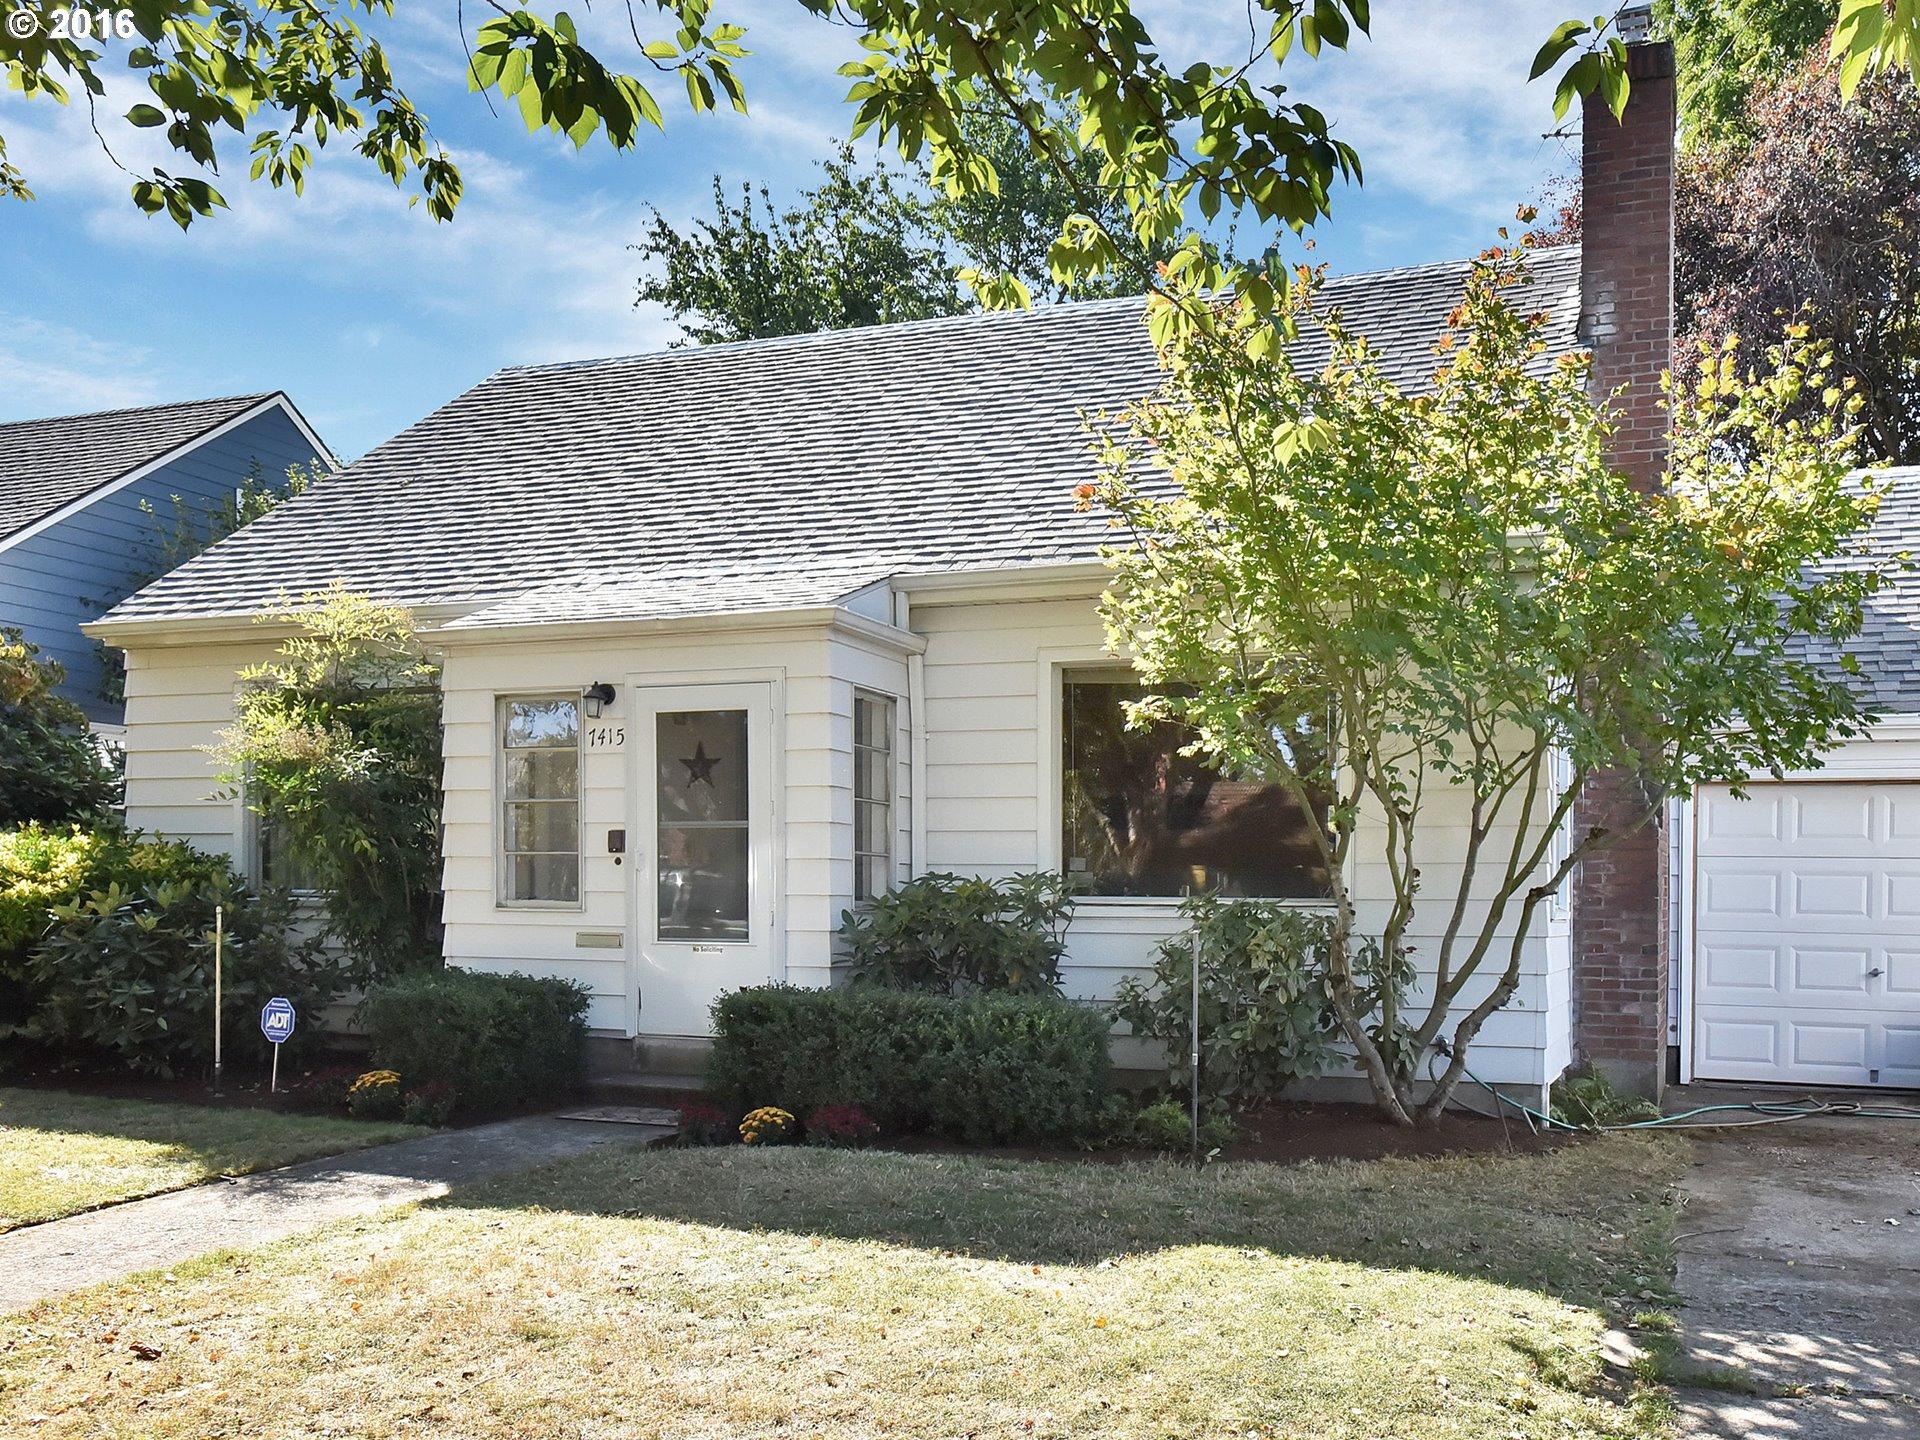 7415 N WAYLAND AVE, Portland OR 97203